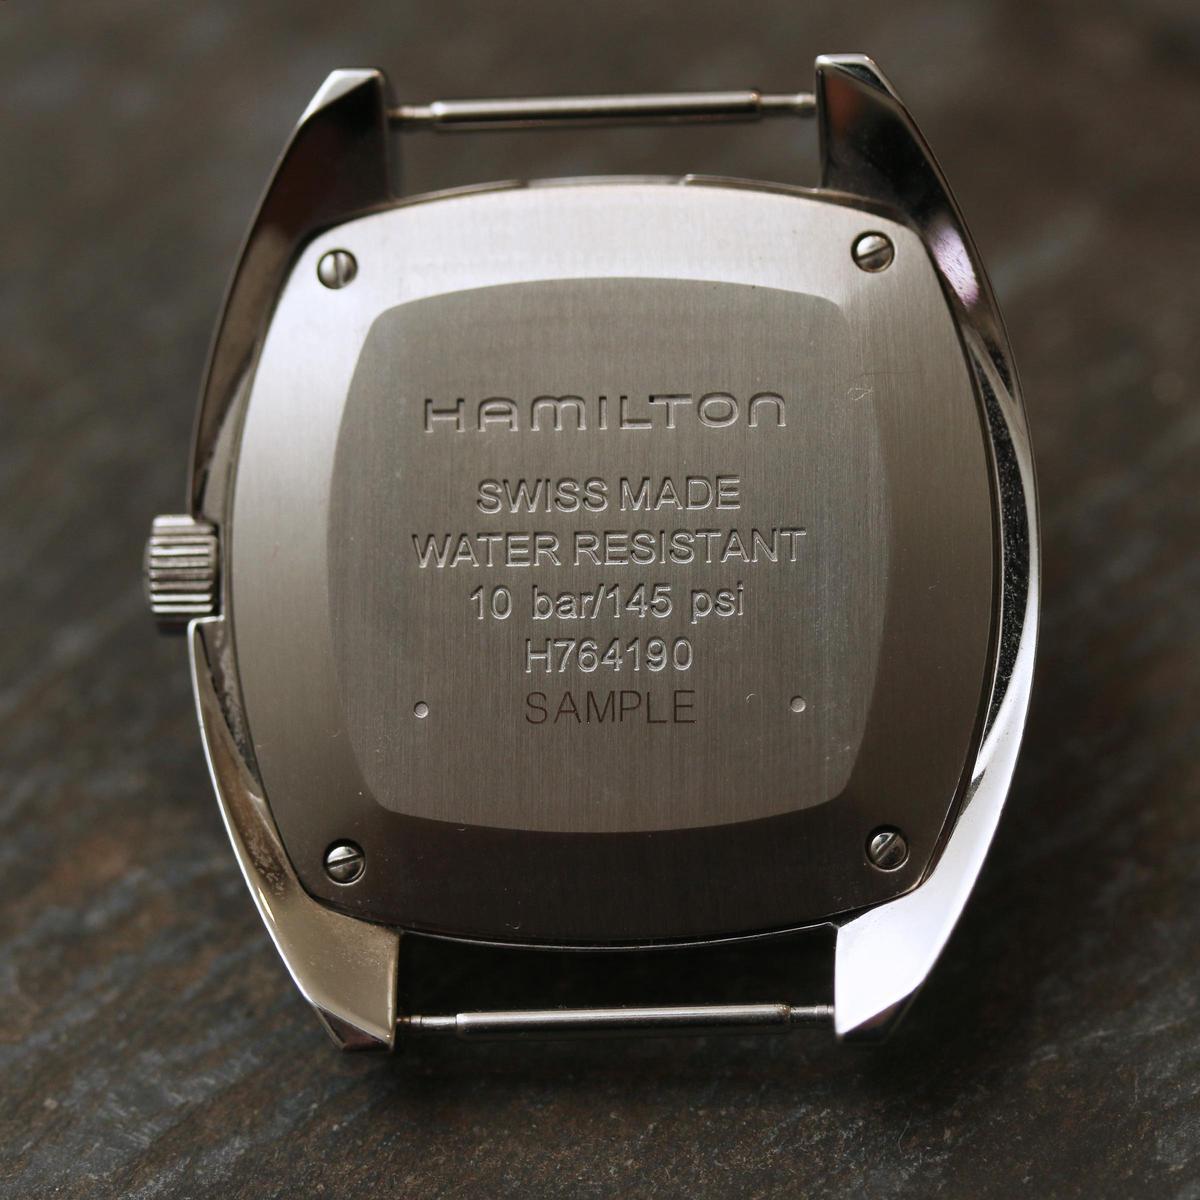 後底蓋的產品字樣仿效了過去軍錶的設計。